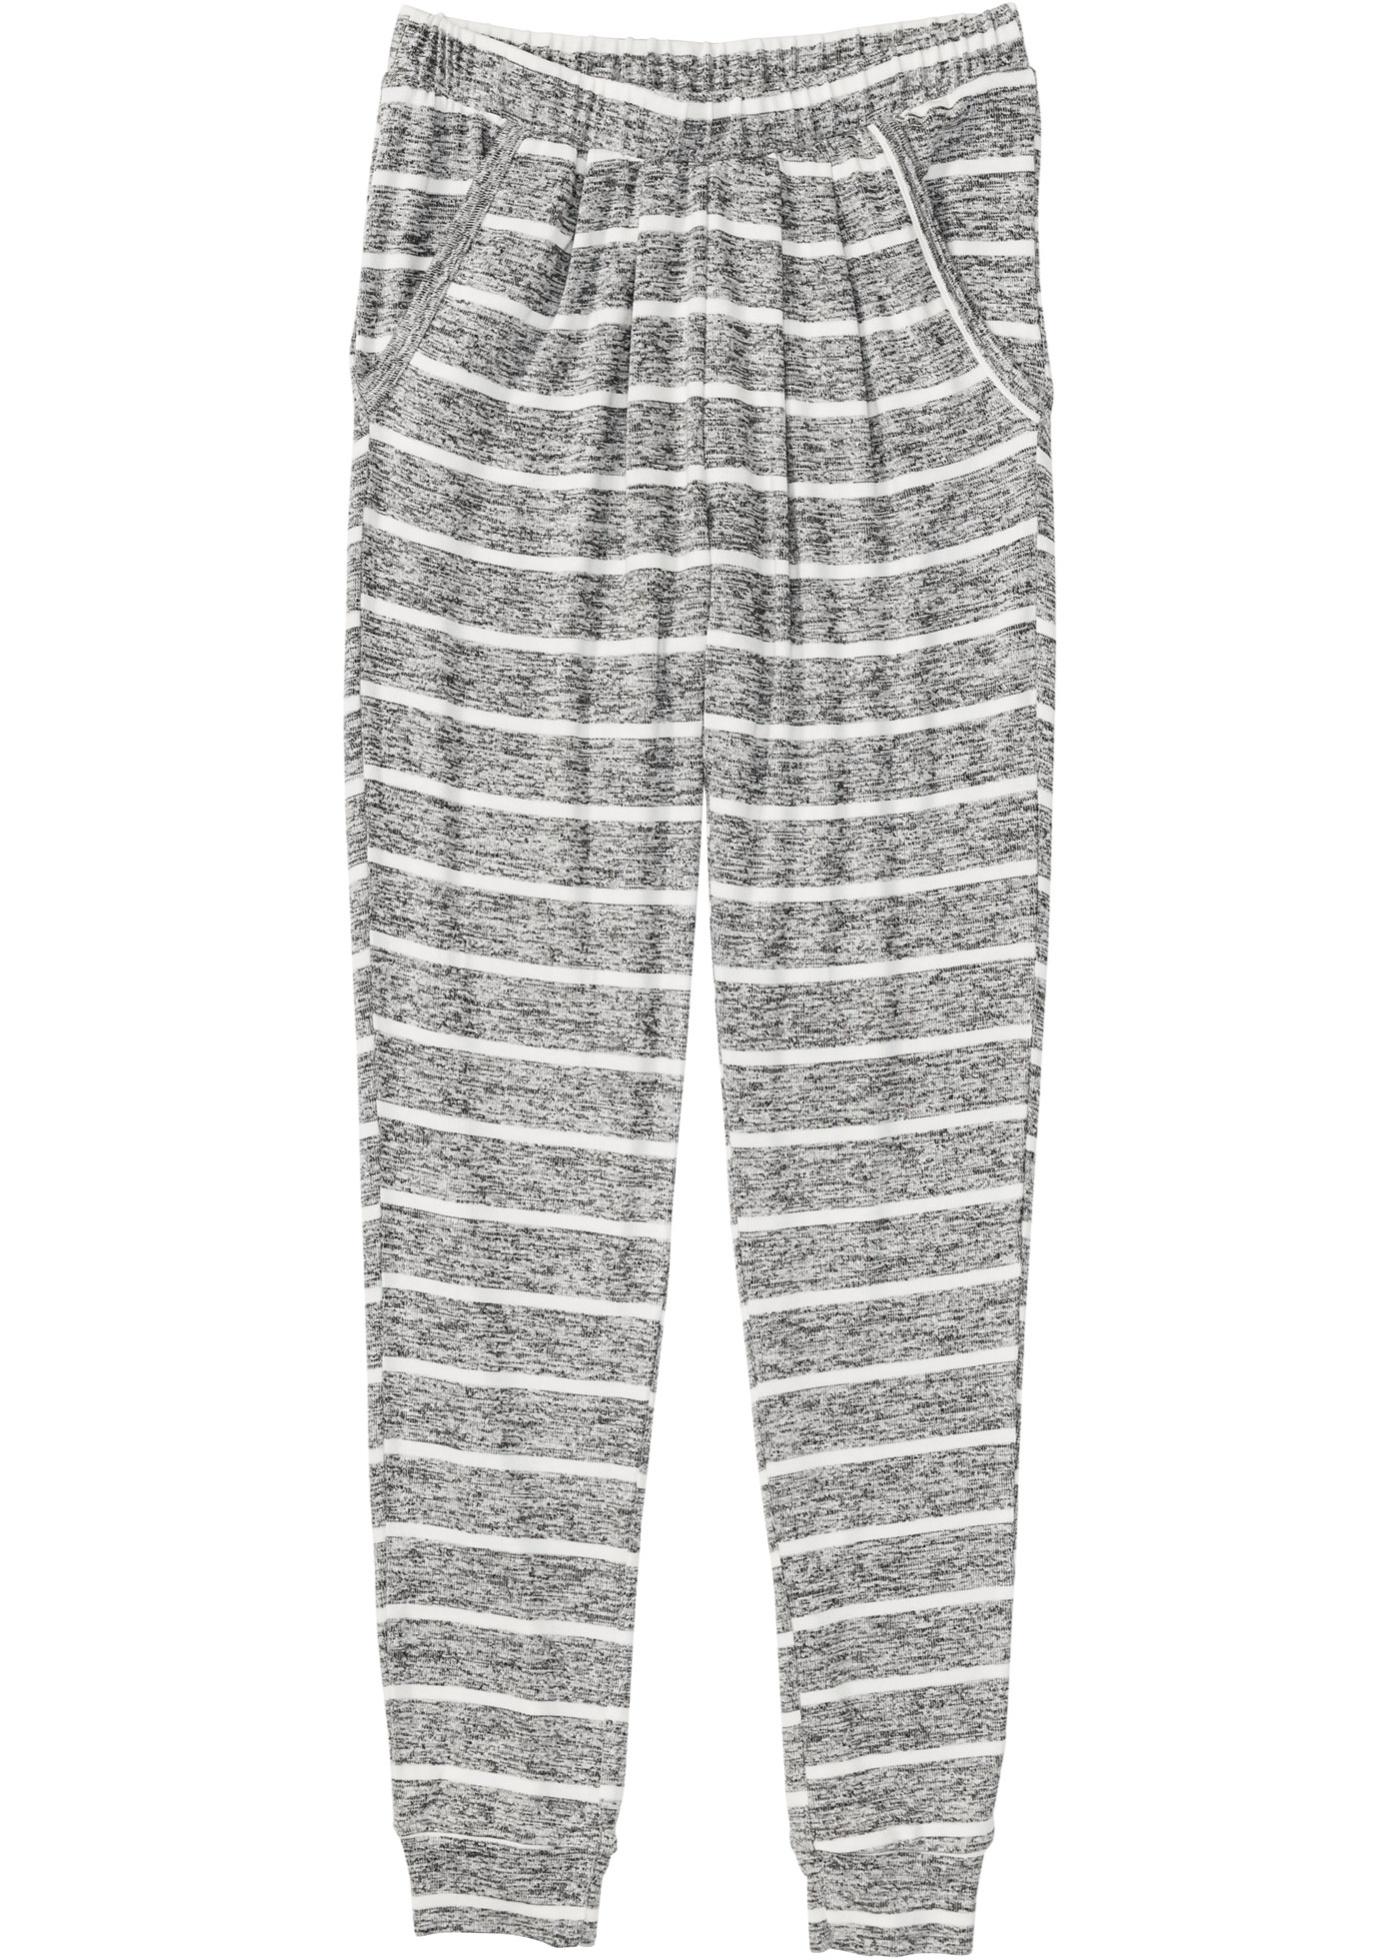 Pyjamasbyxa av ett mjukt material